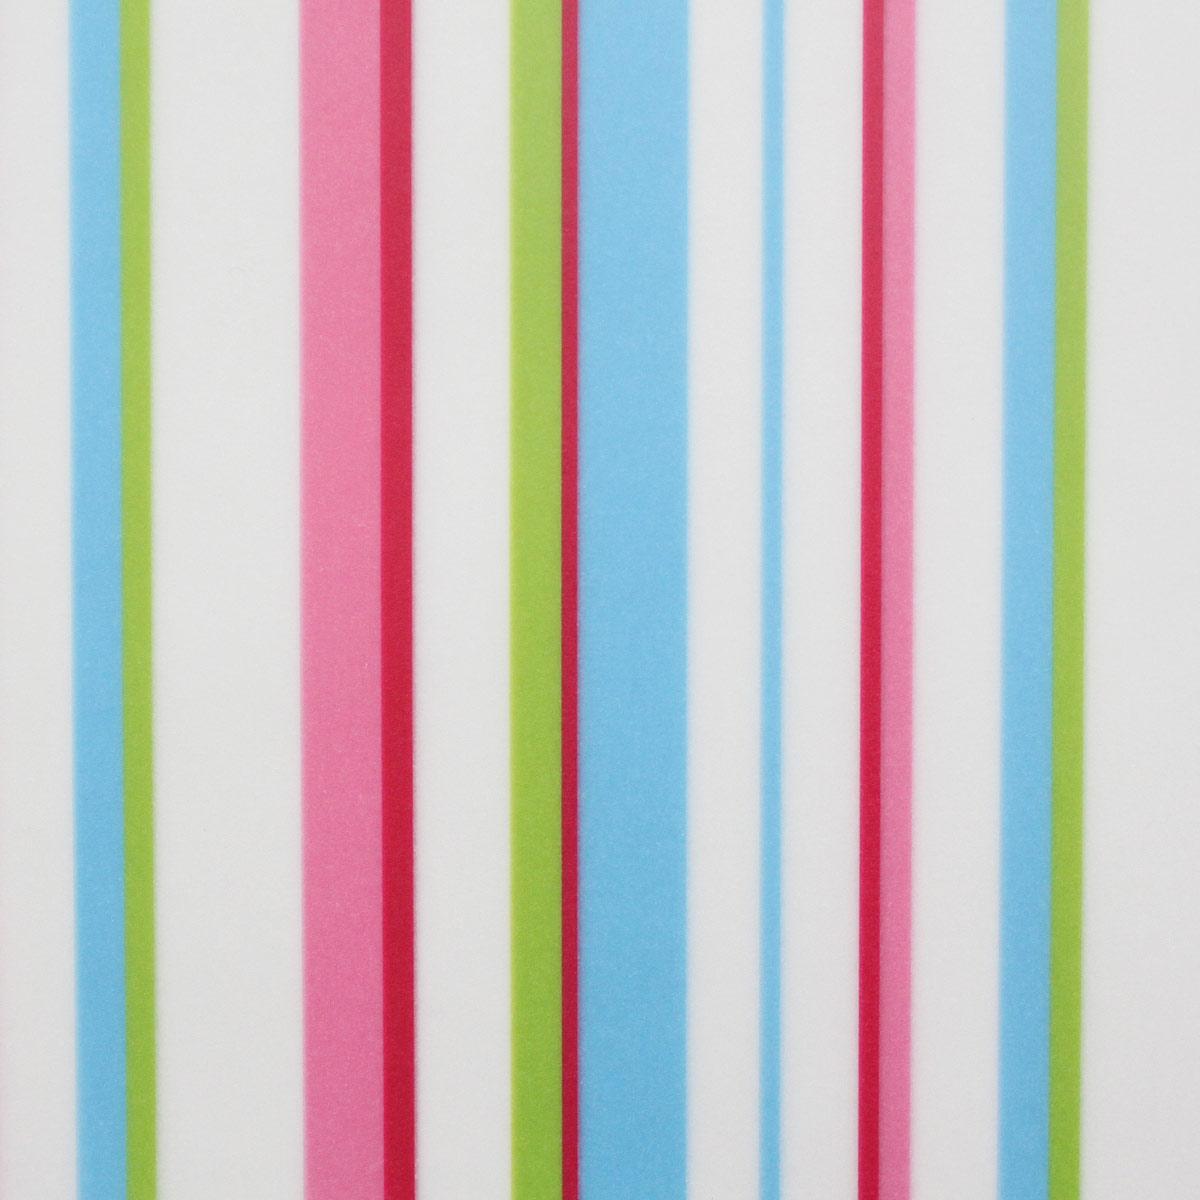 85403 Транспарентная бумага 'Пастельные полосы', 115 г/м², 23*33 см, 5 листов, Folia